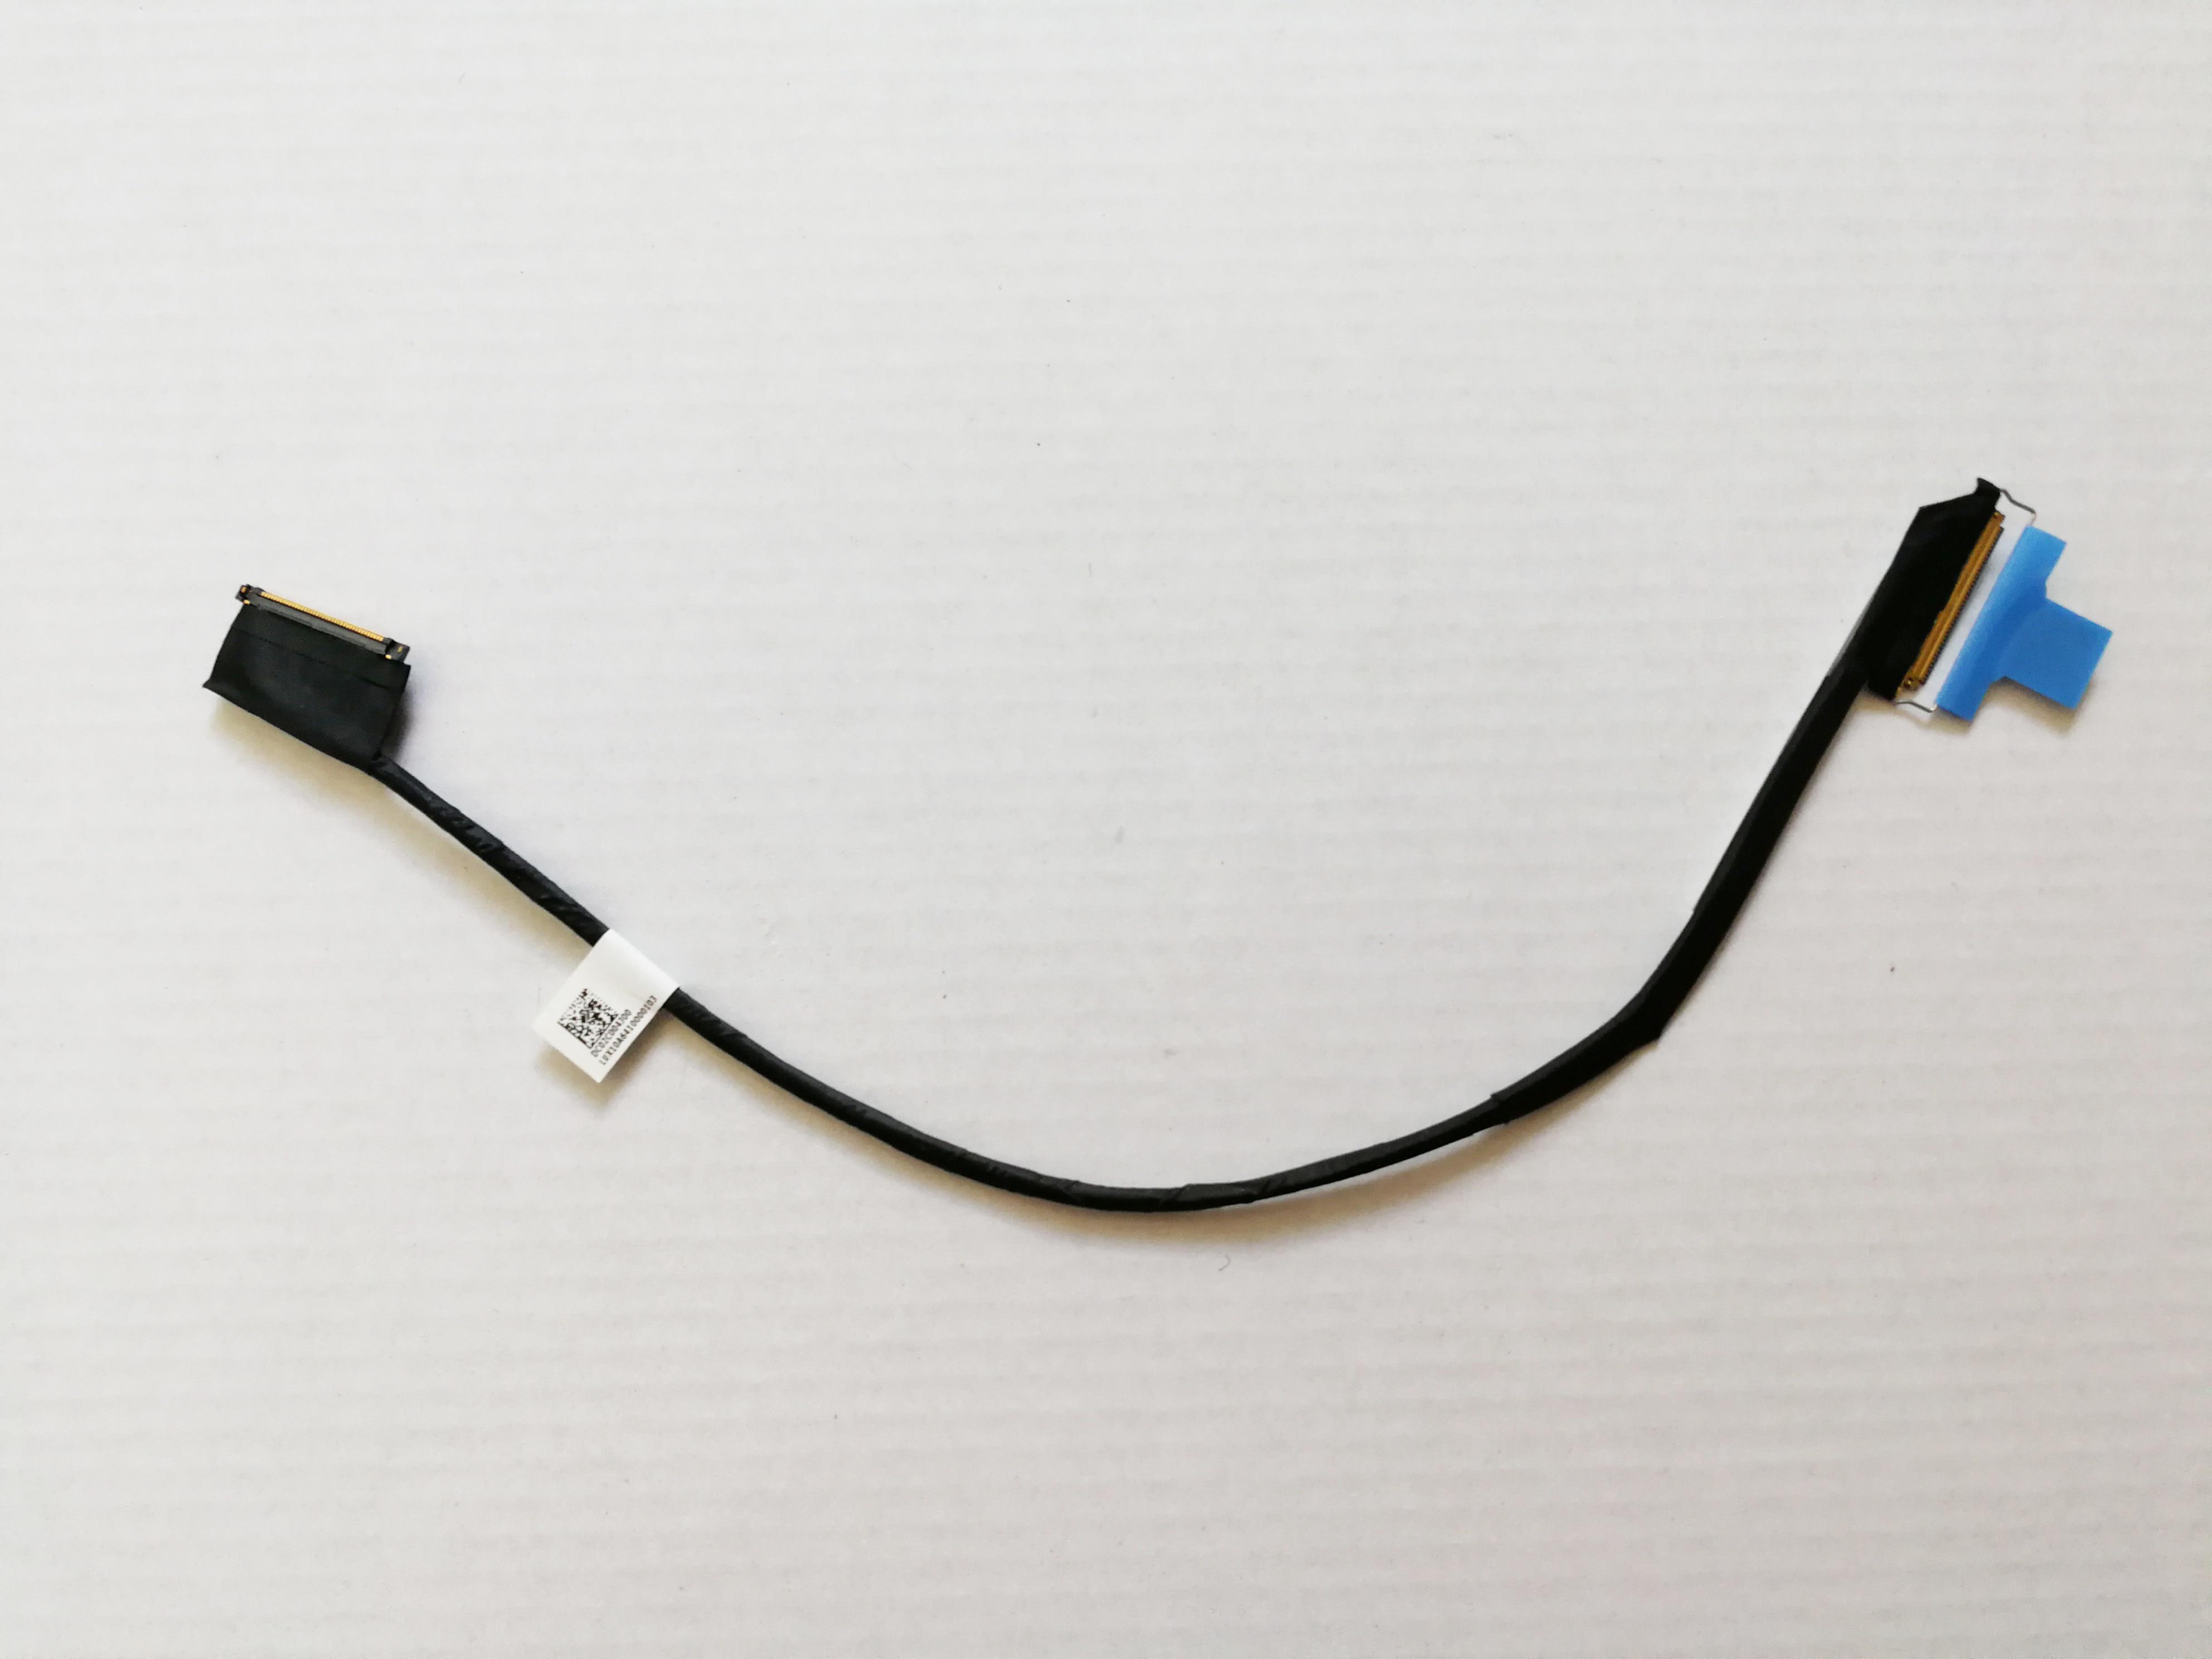 Новый оригинальный для lenovo Yoga2 Yoga 2 pro 13 3 VIUU3 led lcd lvds кабель DC02C004J00|Звуковые карты| |